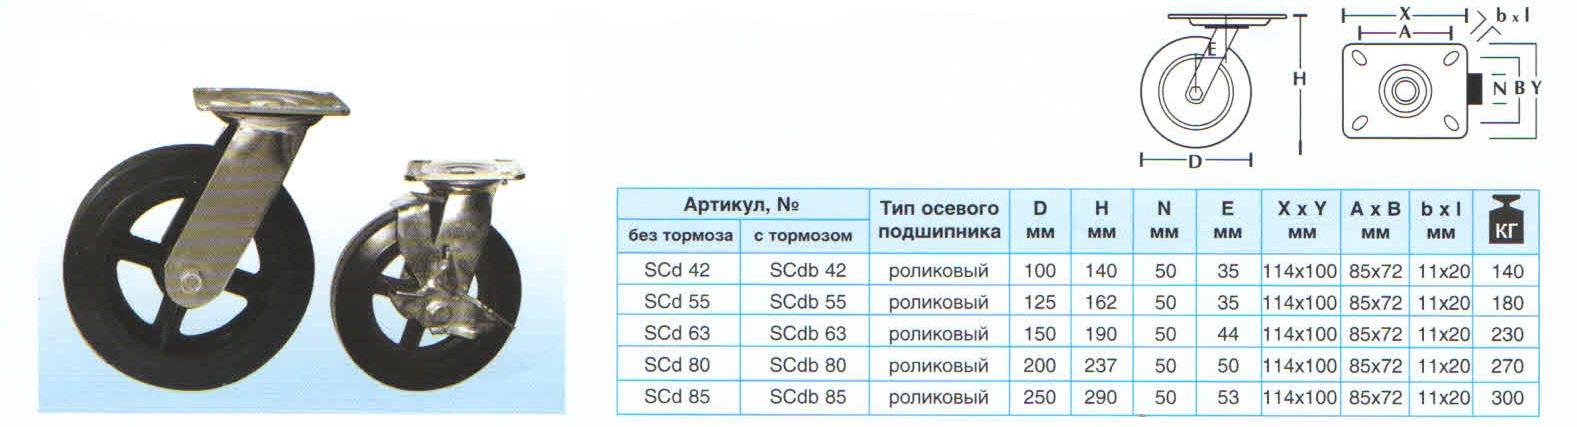 SCd 1